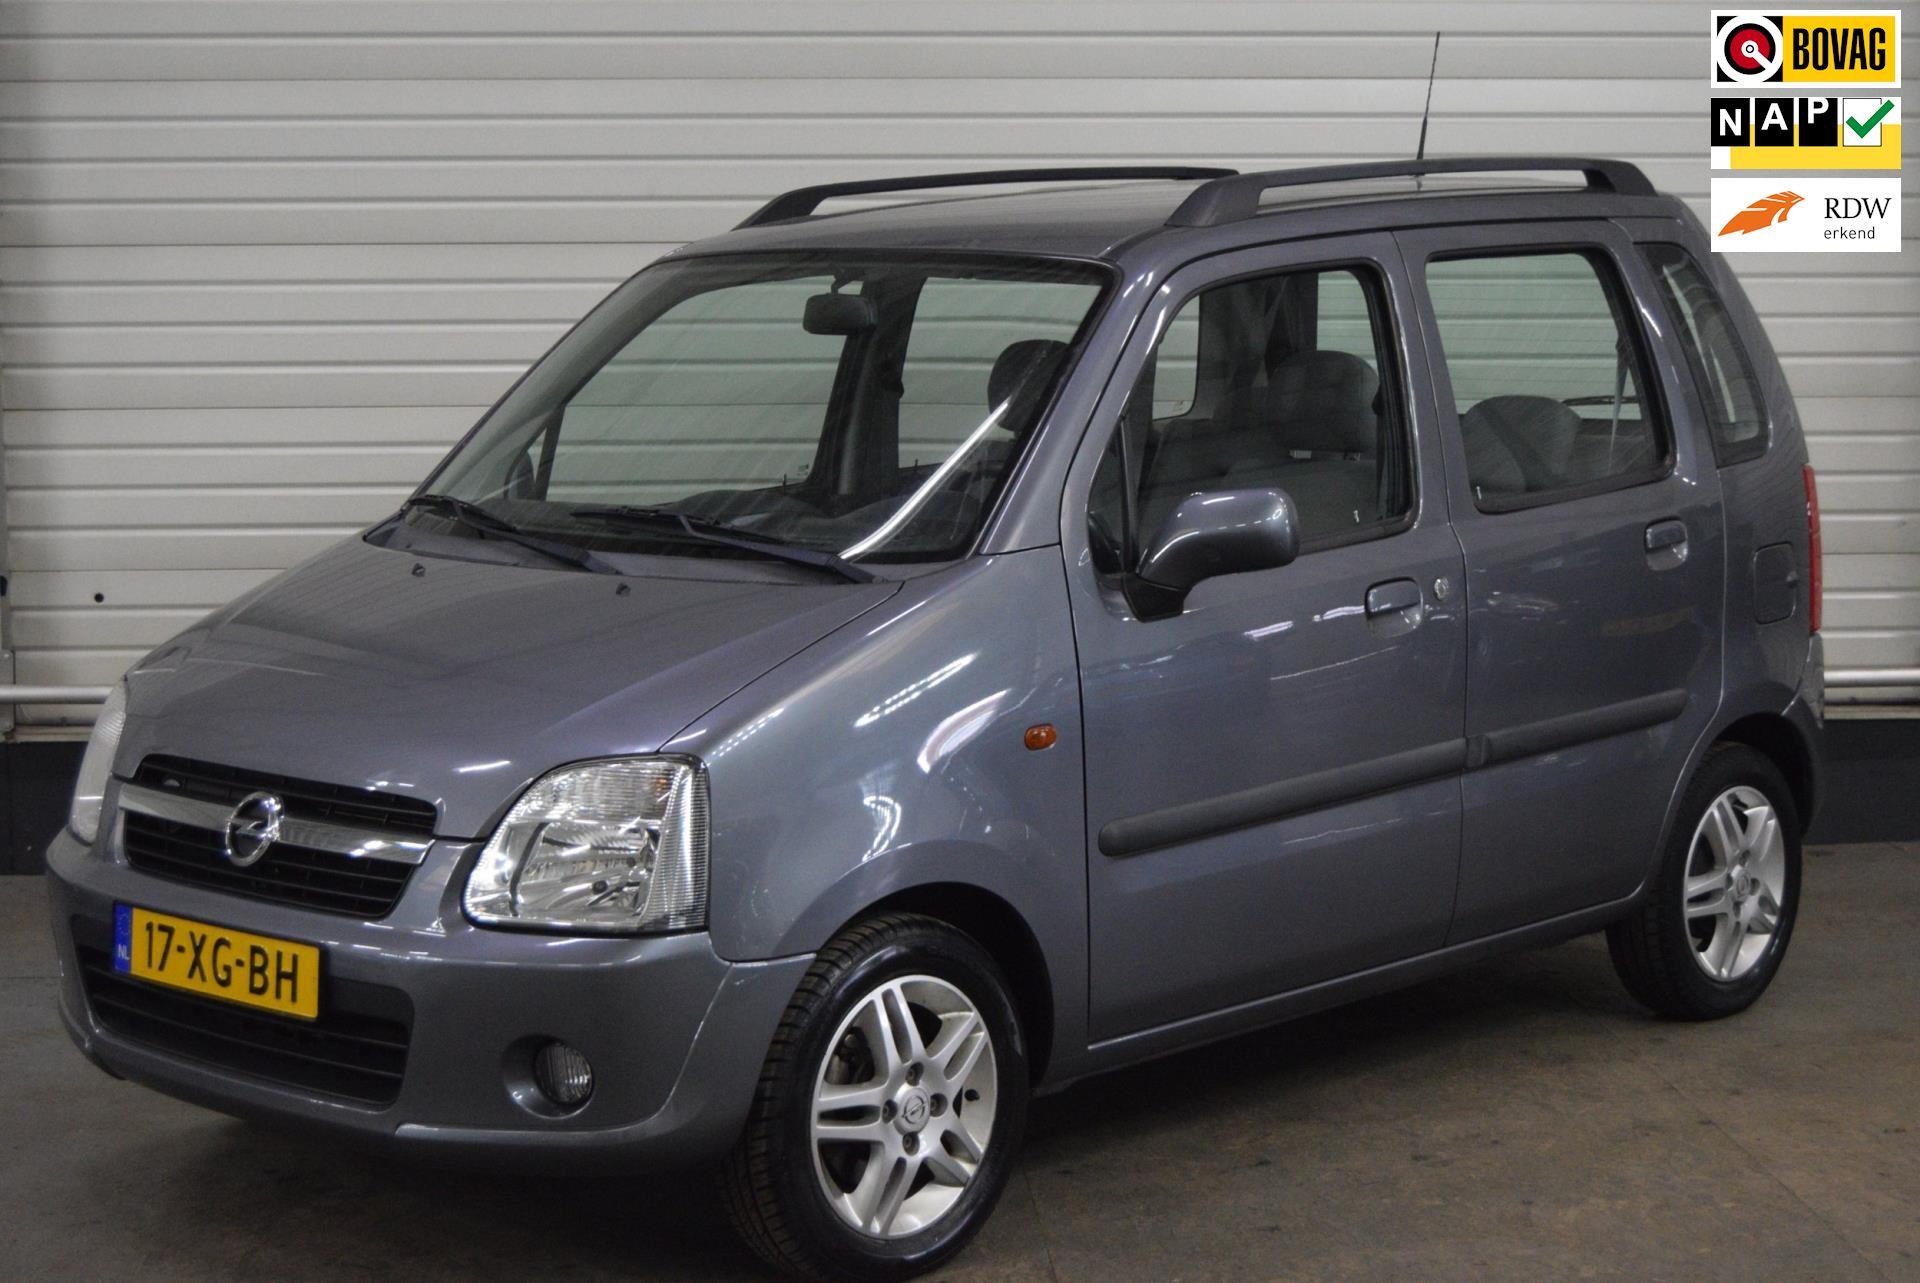 Opel Agila occasion - Autobedrijf van de Werken bv